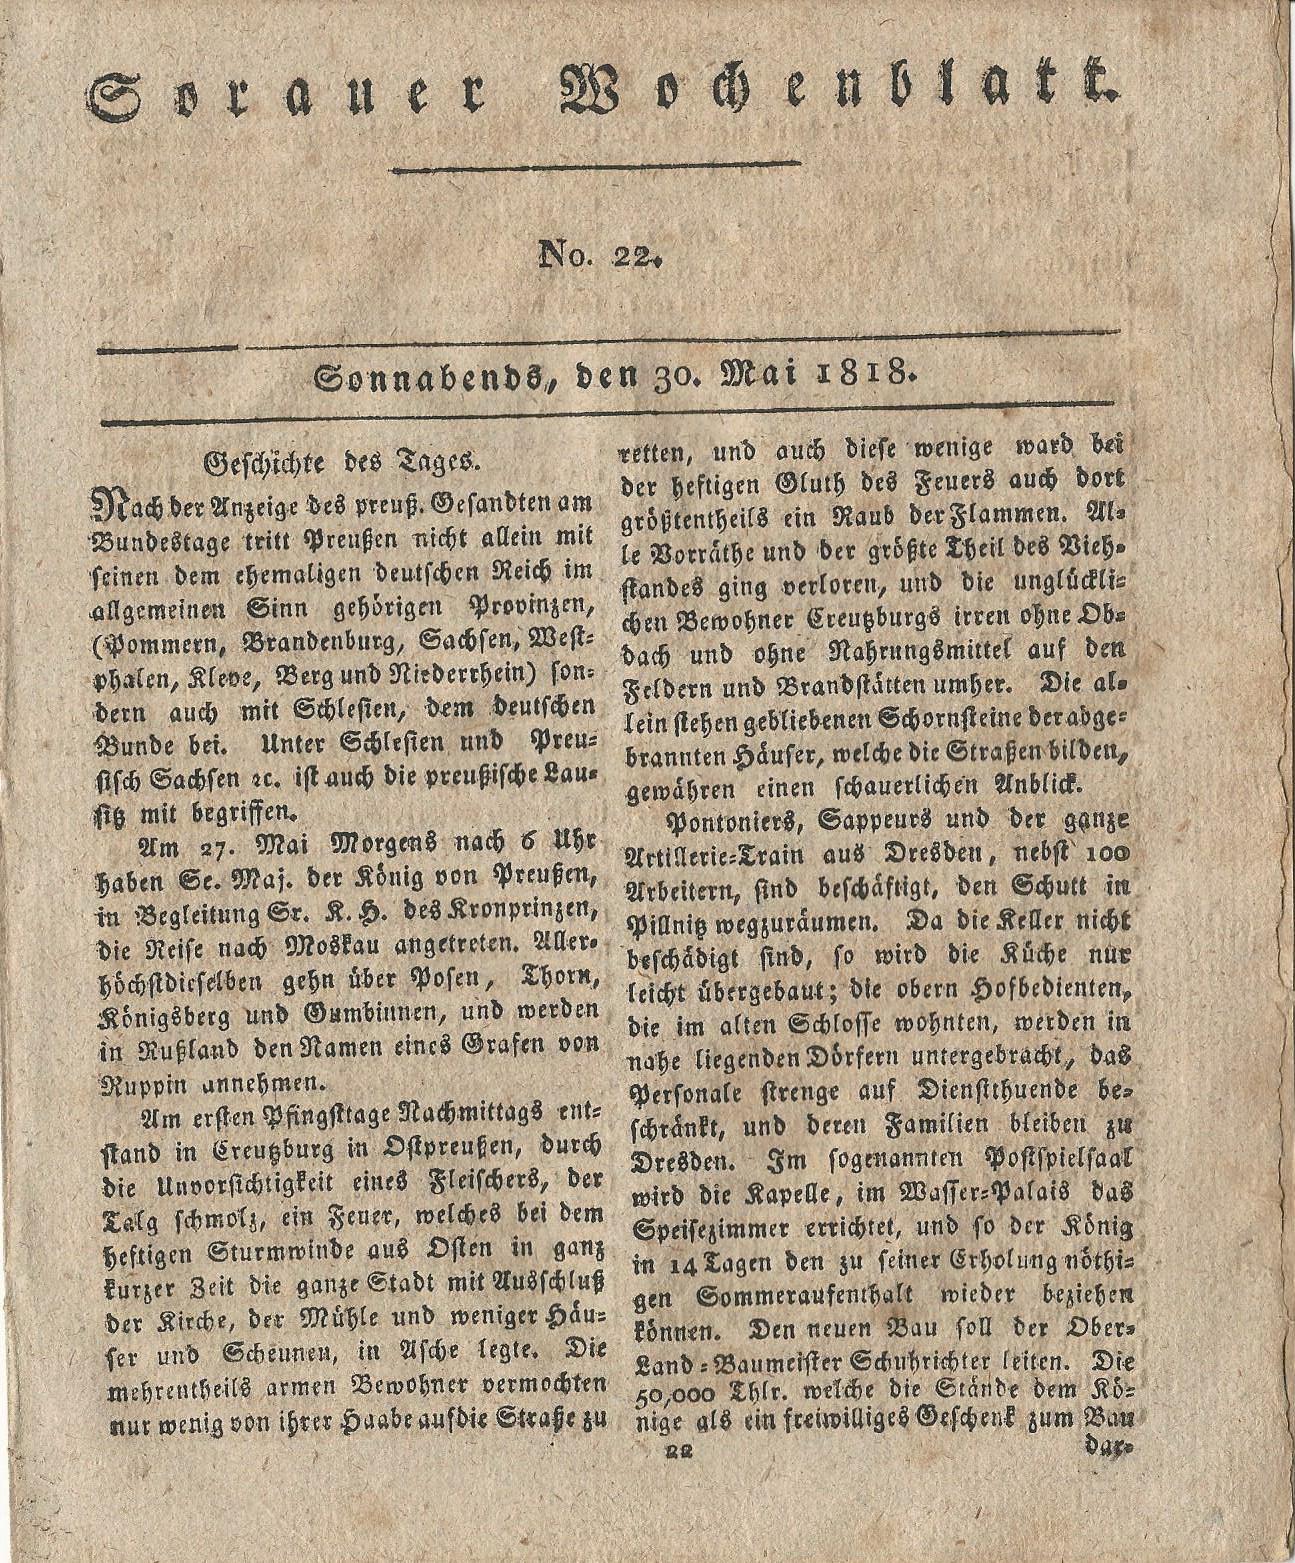 sorauer-wochenblatt-stadtbrand-1818-sazburg-titel.jpeg